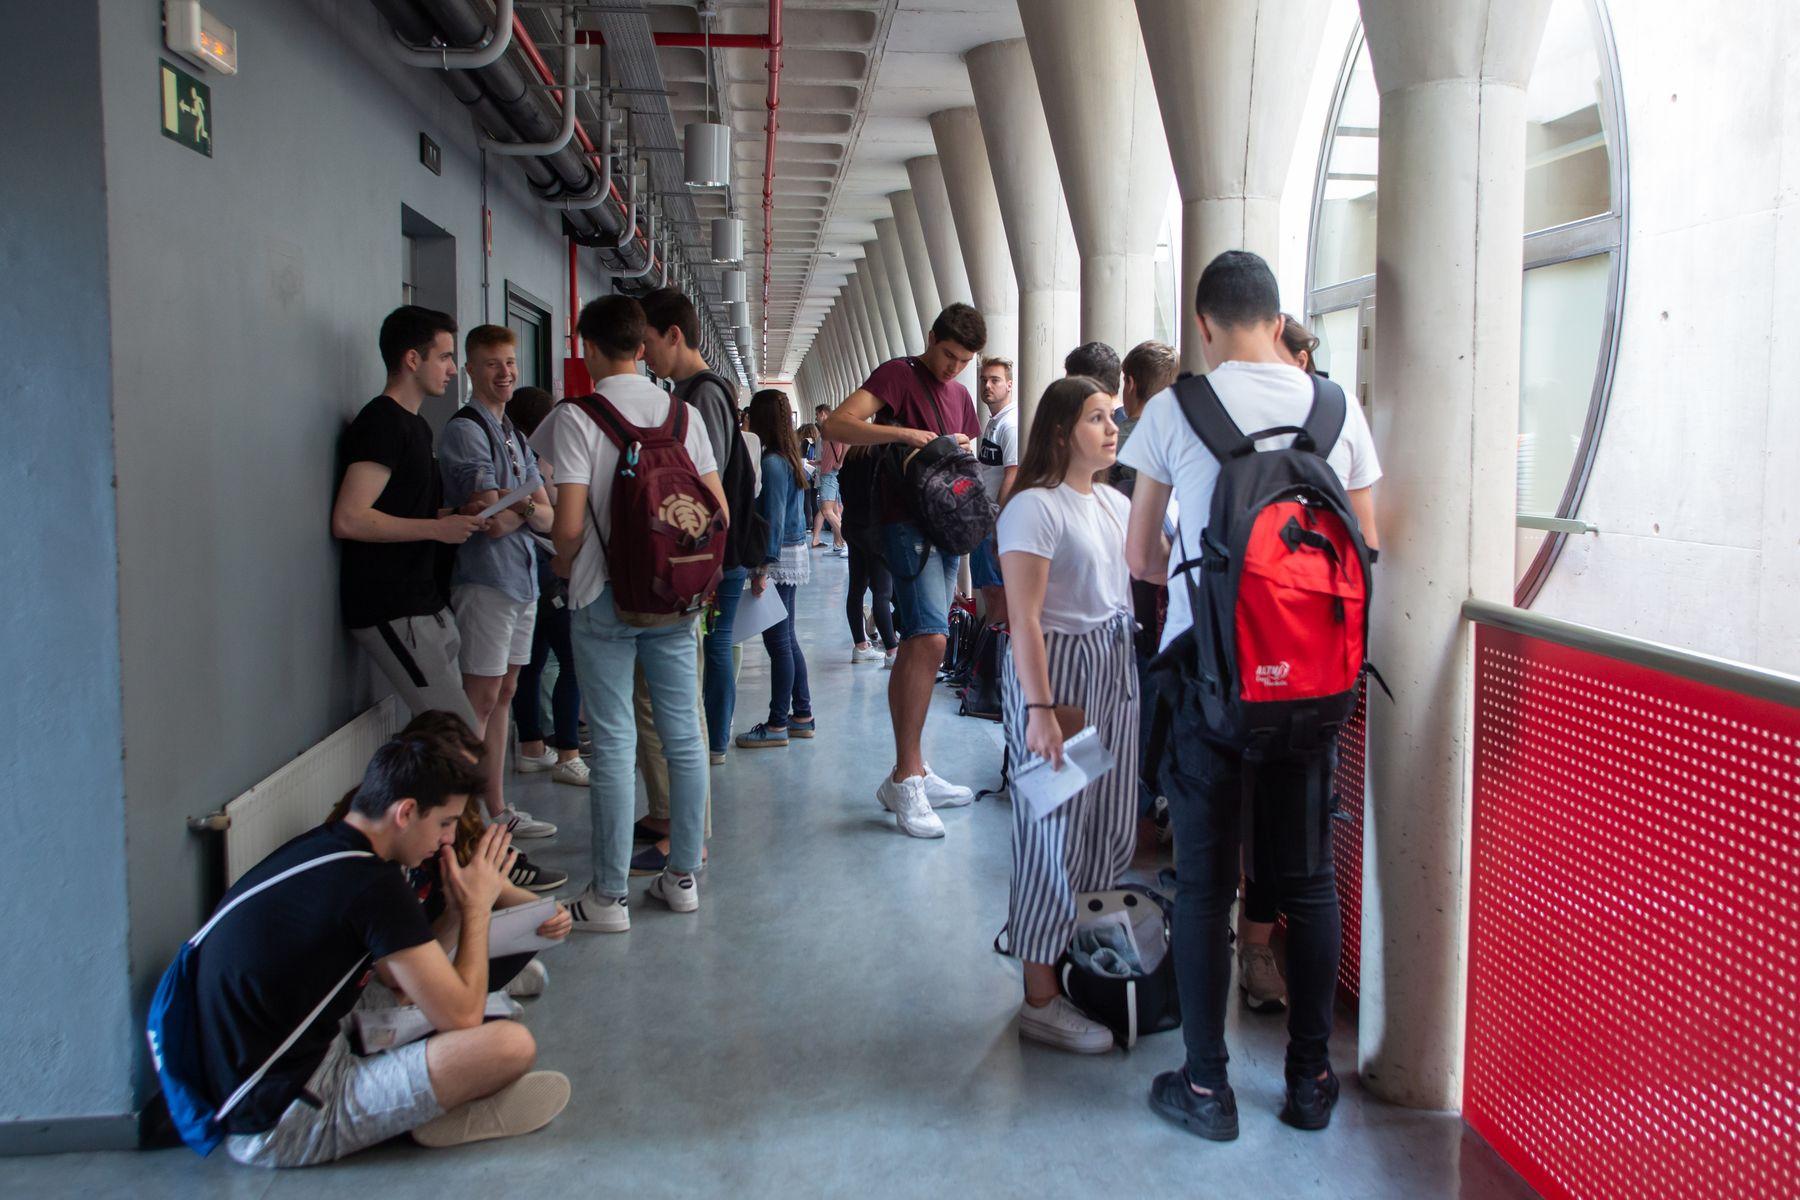 Alumnado, a la espera de comenzar la EvAU en Pamplona.